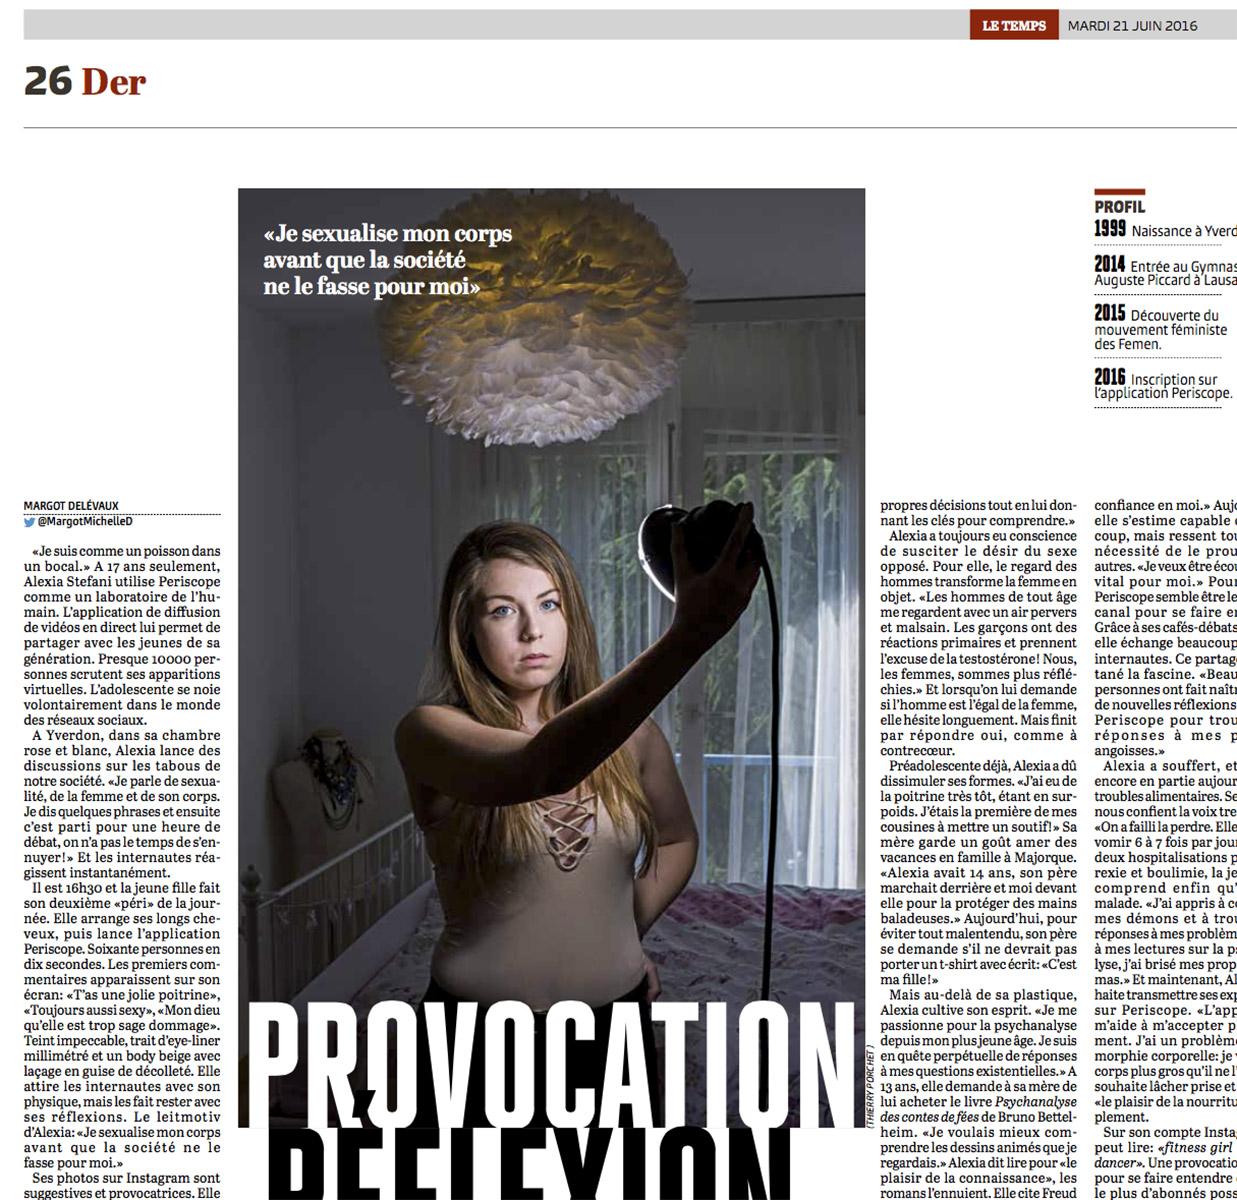 Alexia et l'aplication périscope pour Le Temps © Thierry Porchet